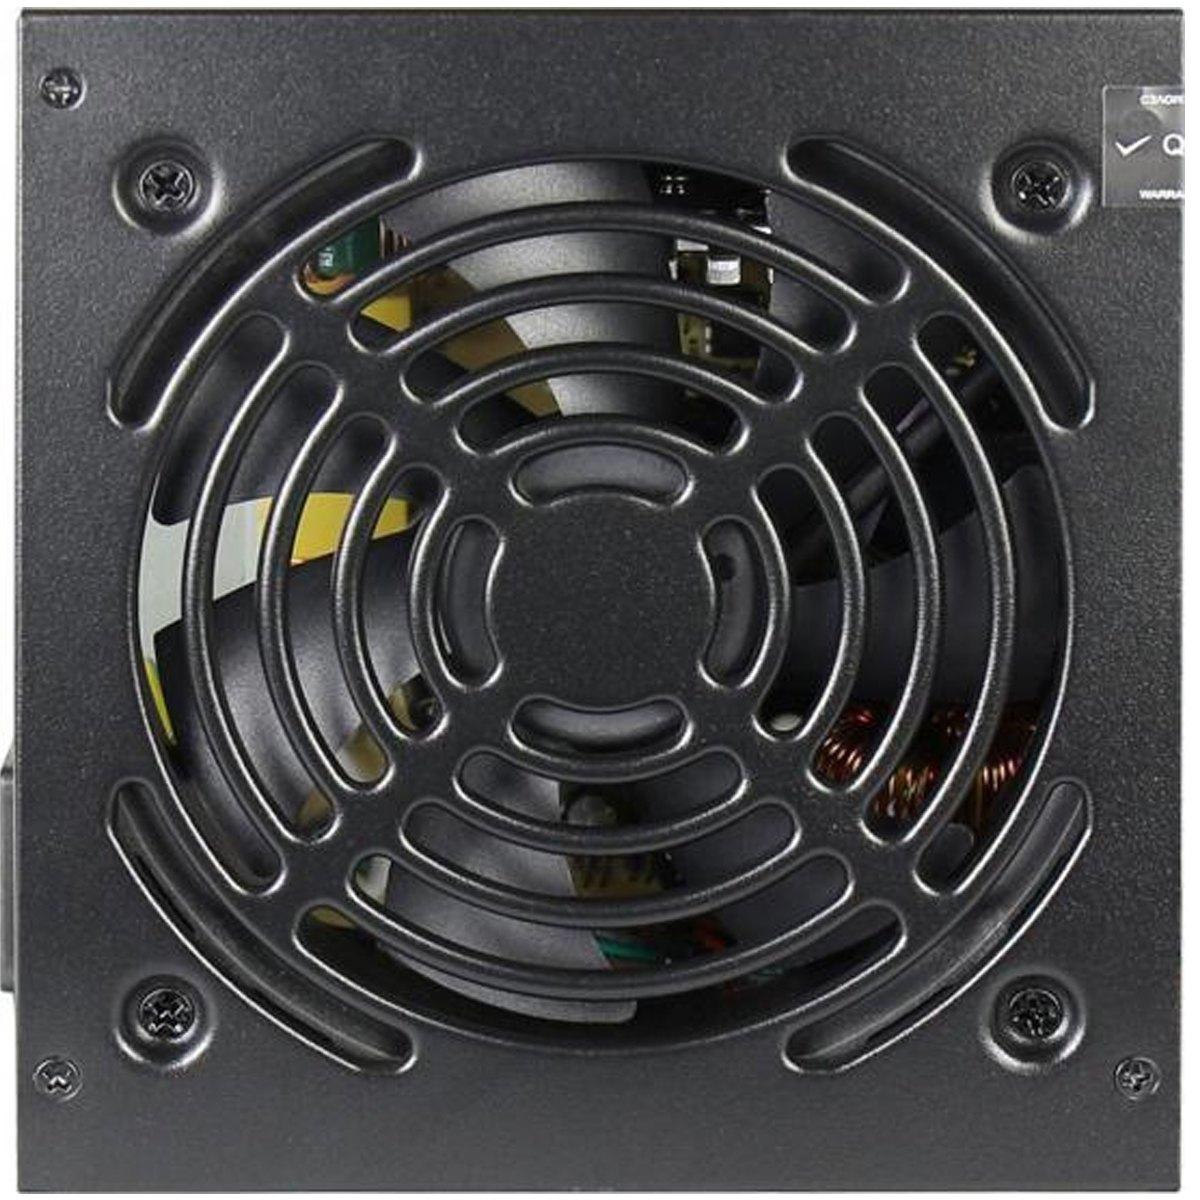 Fonte 500W Aerocool VX Series para PC Gamer